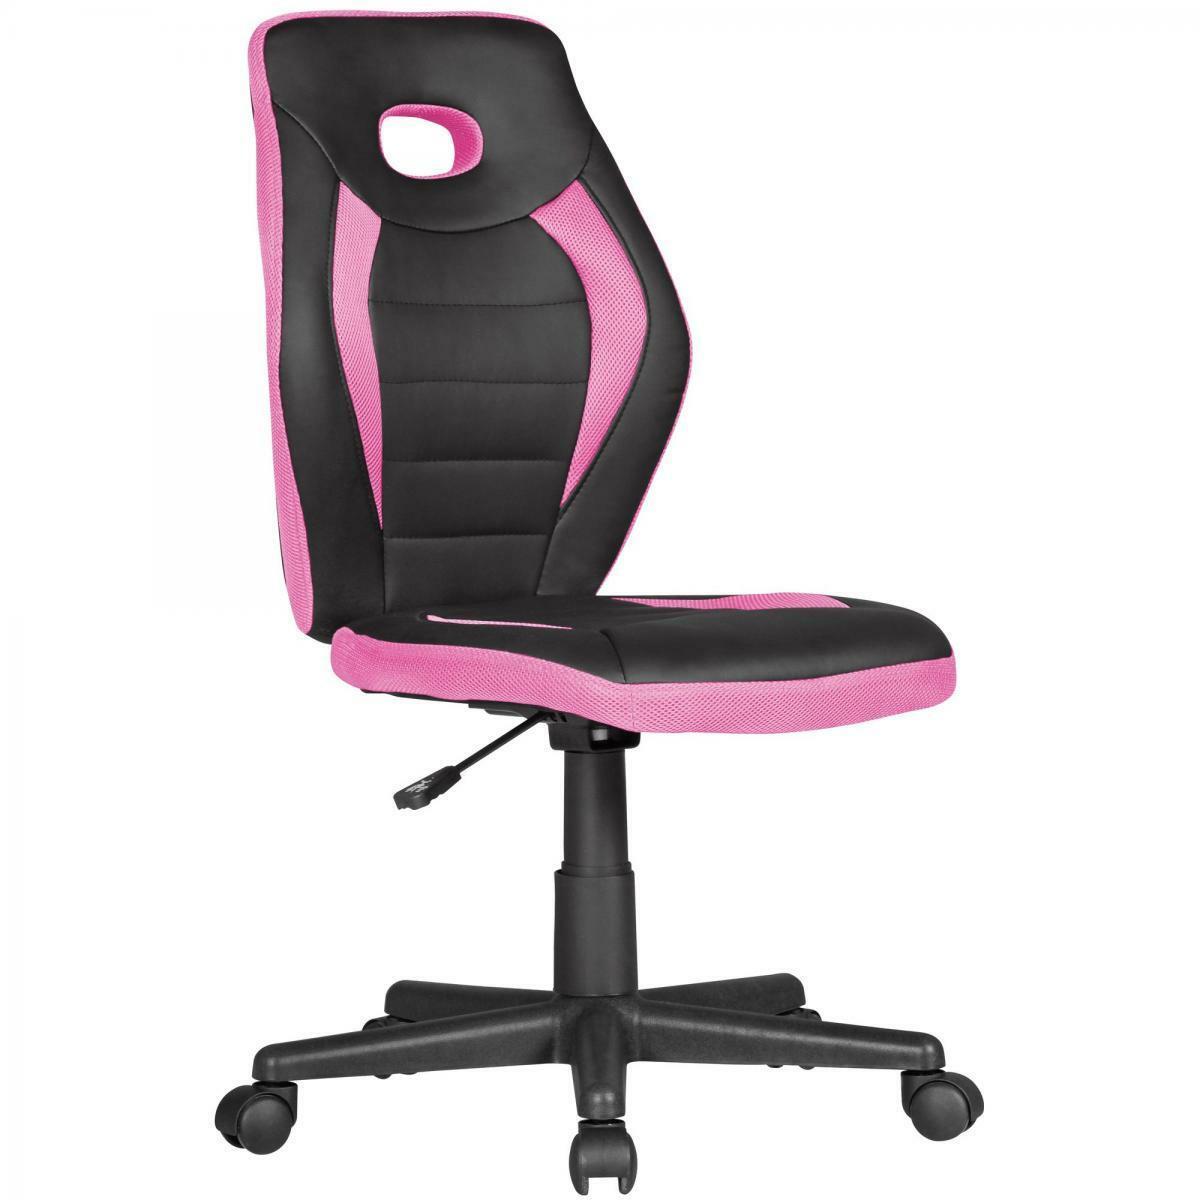 Bild 1 von AMSTYLE Kinderdrehstuhl LUAN schwarz/pink